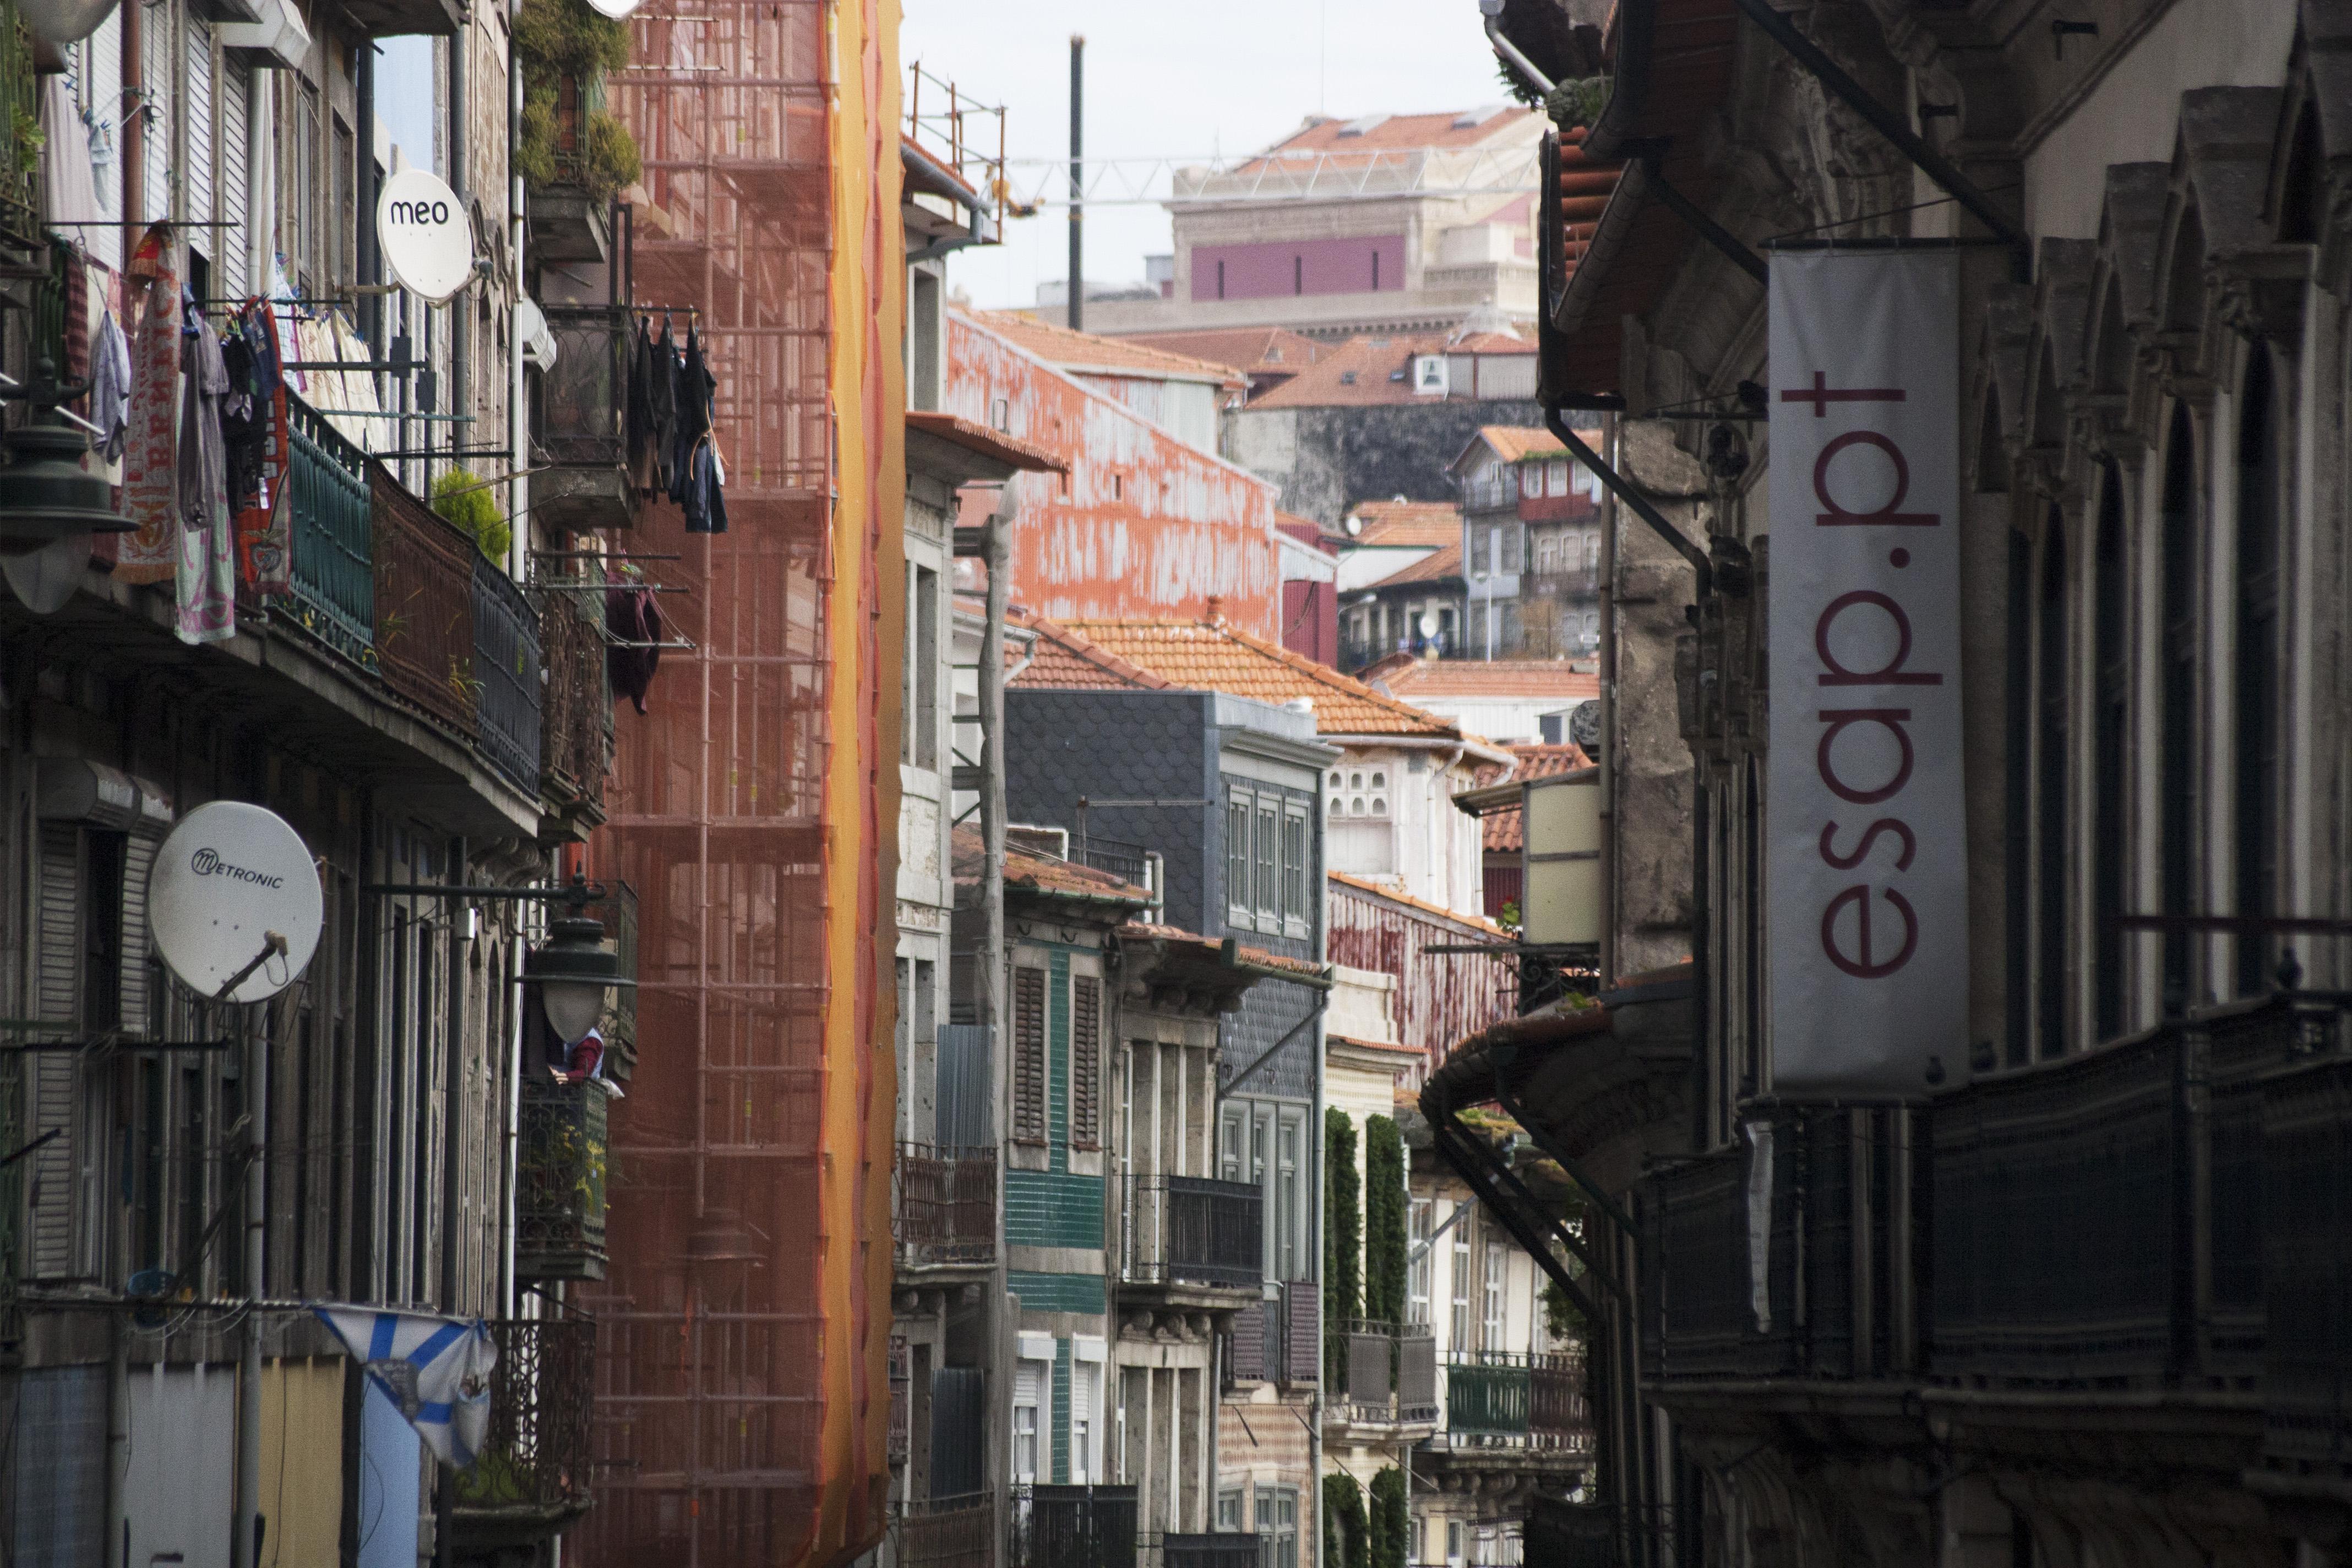 Porto - stacking